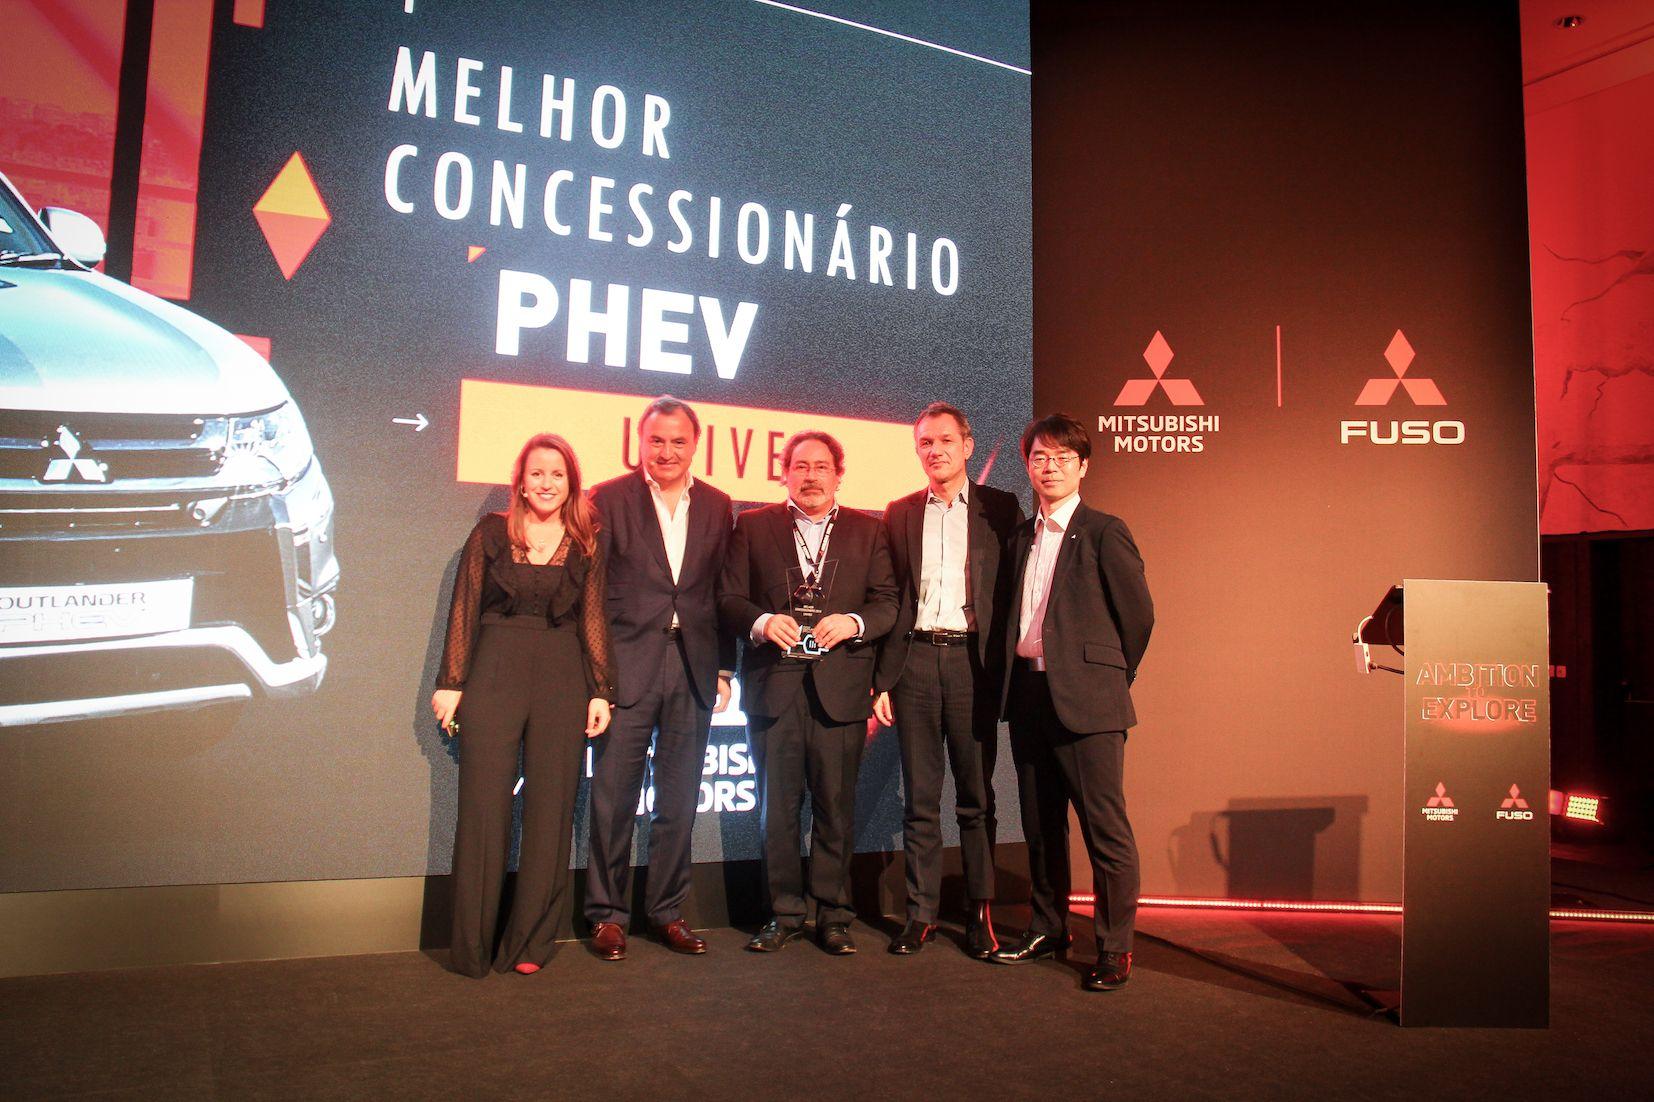 CONVENÇÃO MITSUBISHI MOTORS_FUSO 2019 - VILAMOURA _ ENTREGA DE PRÉMIOS_7.jpg